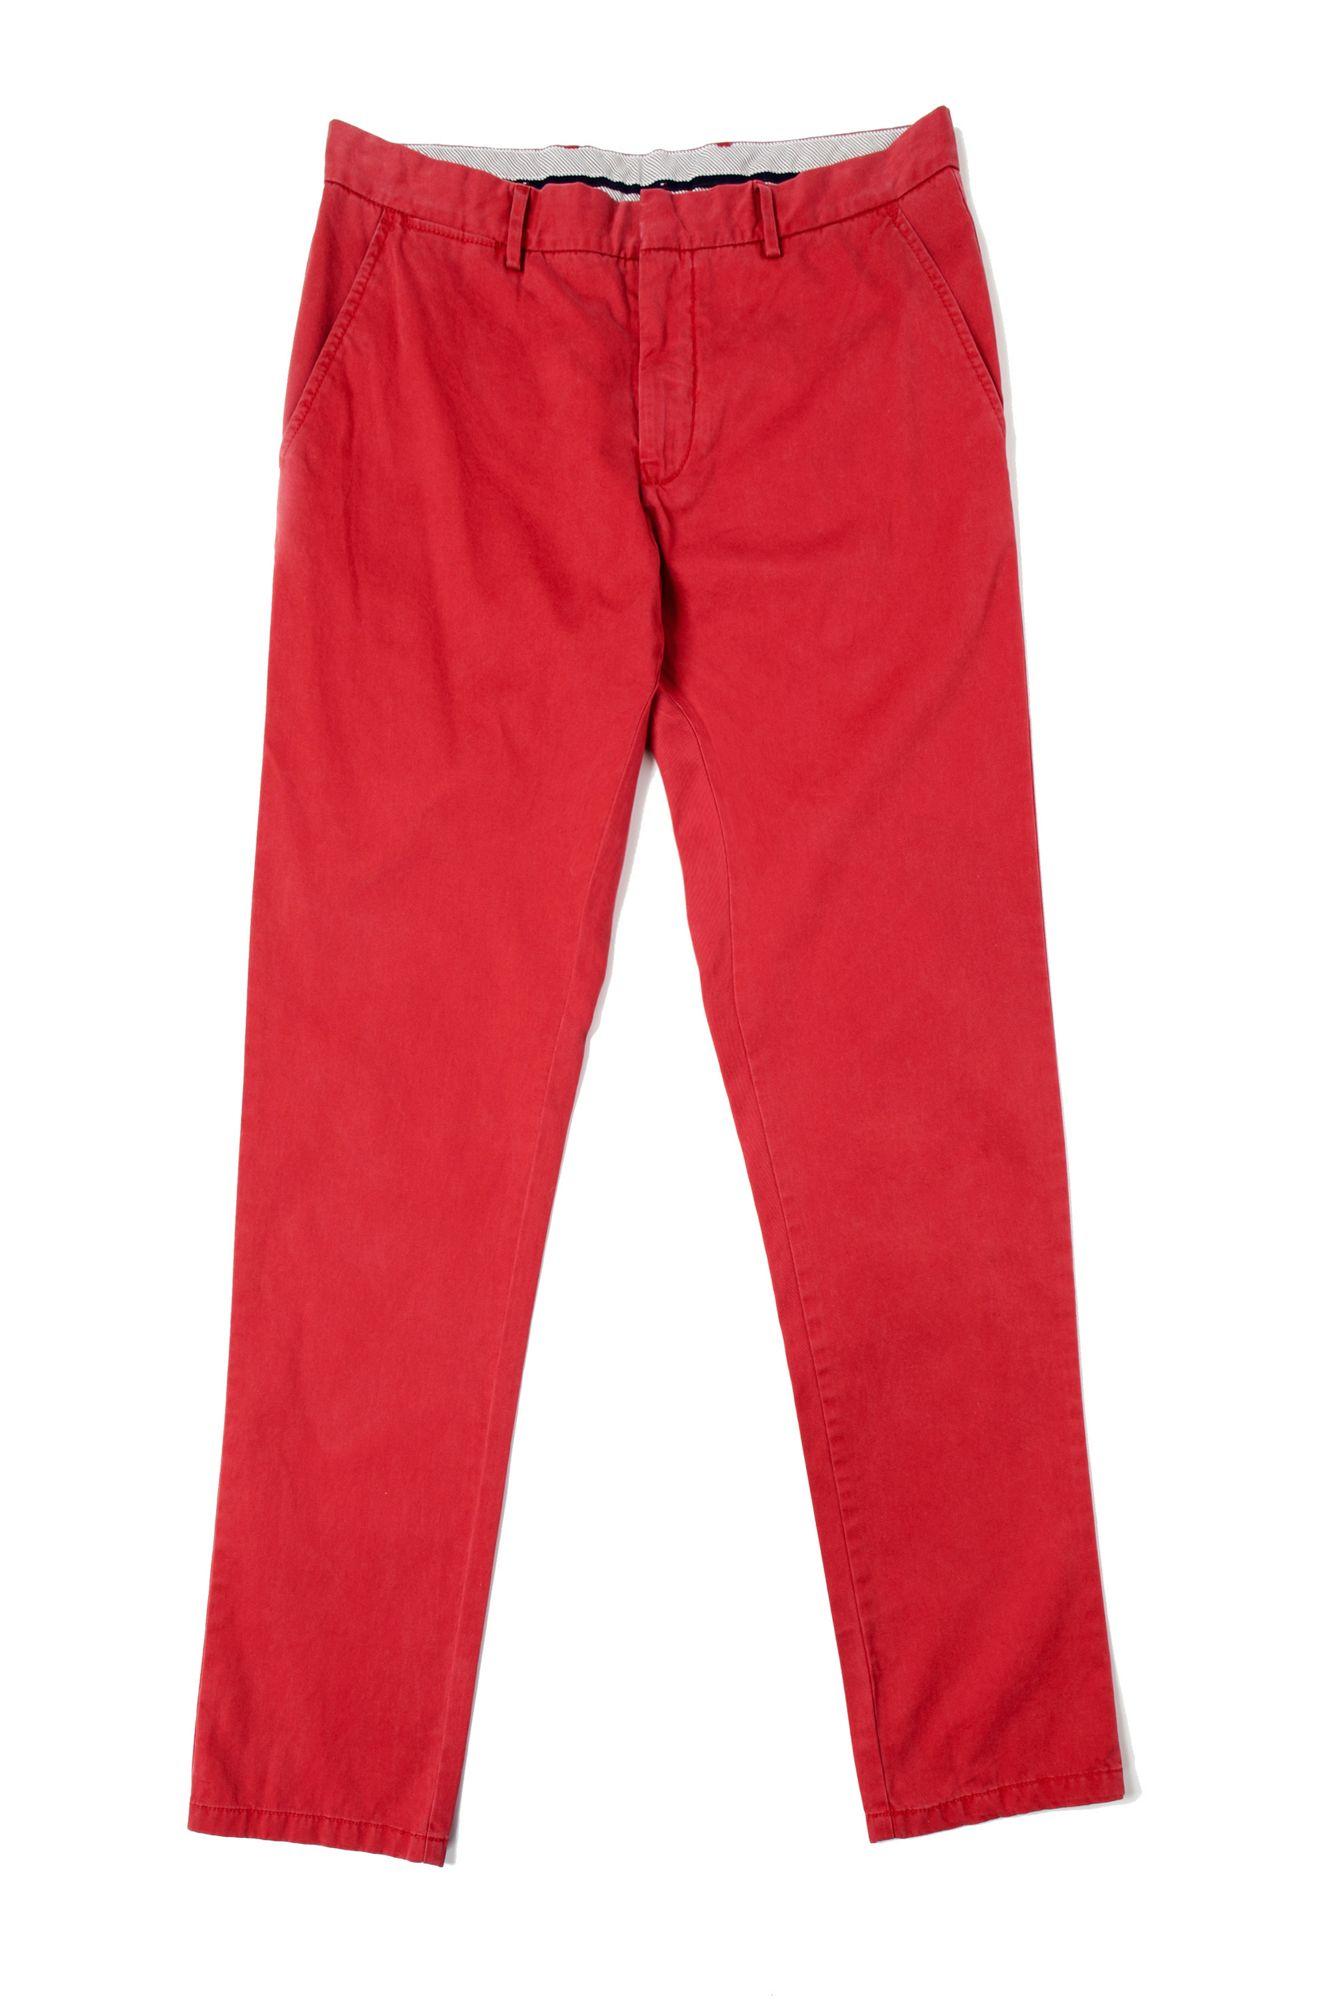 tommy hilfiger mercer garment dyed cords in red for men lyst. Black Bedroom Furniture Sets. Home Design Ideas